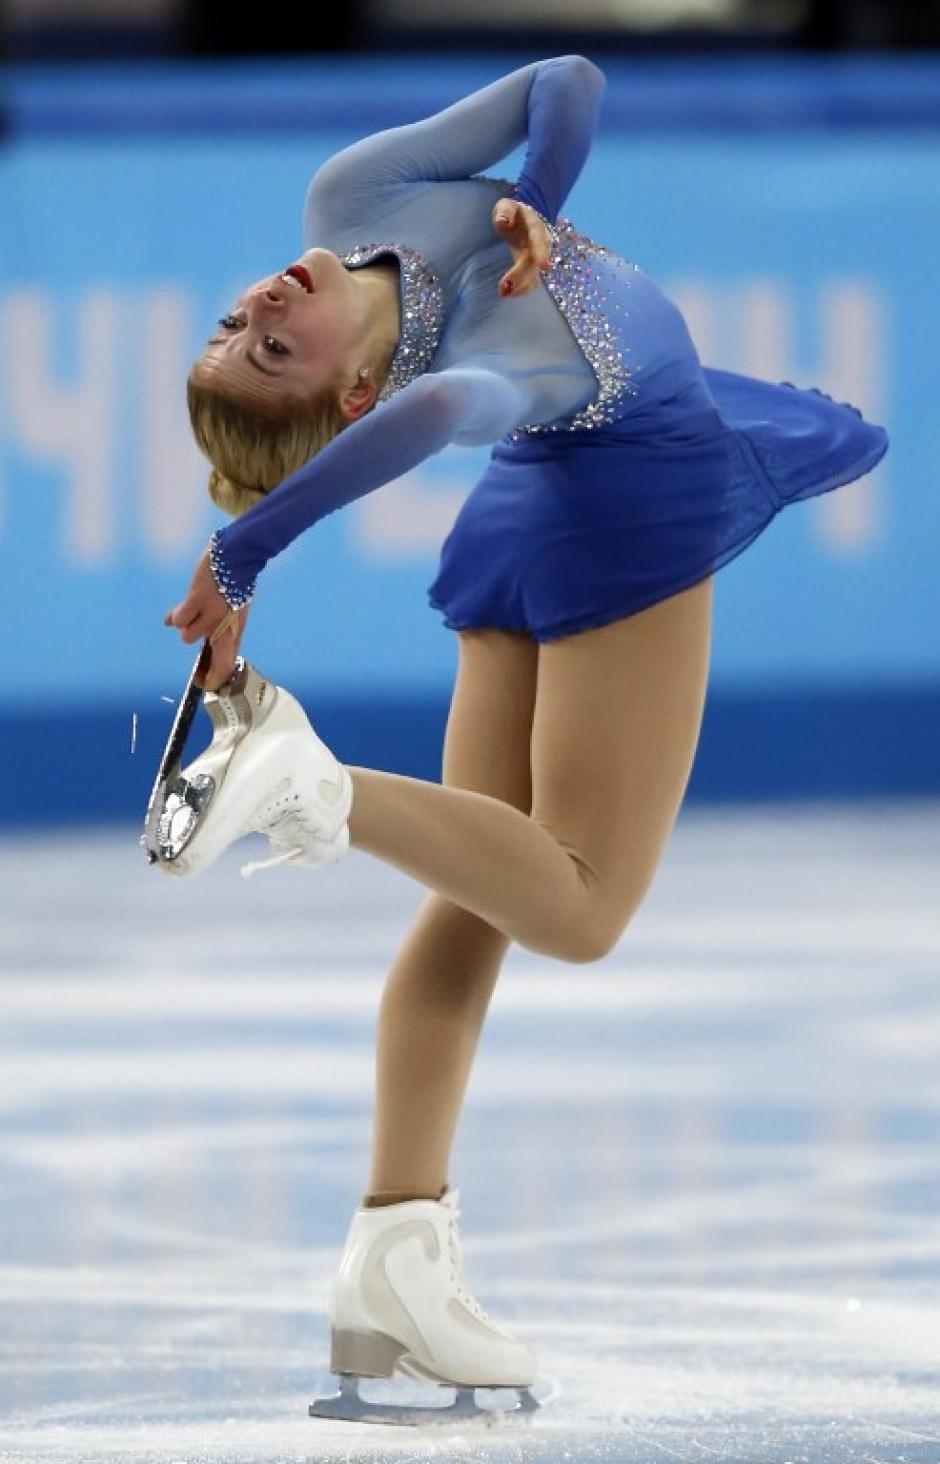 La patinadora estadounidense fue la ganadora de la medalla de oro en patinaje artístico. (Foto: Adrian Dennis/AFP)